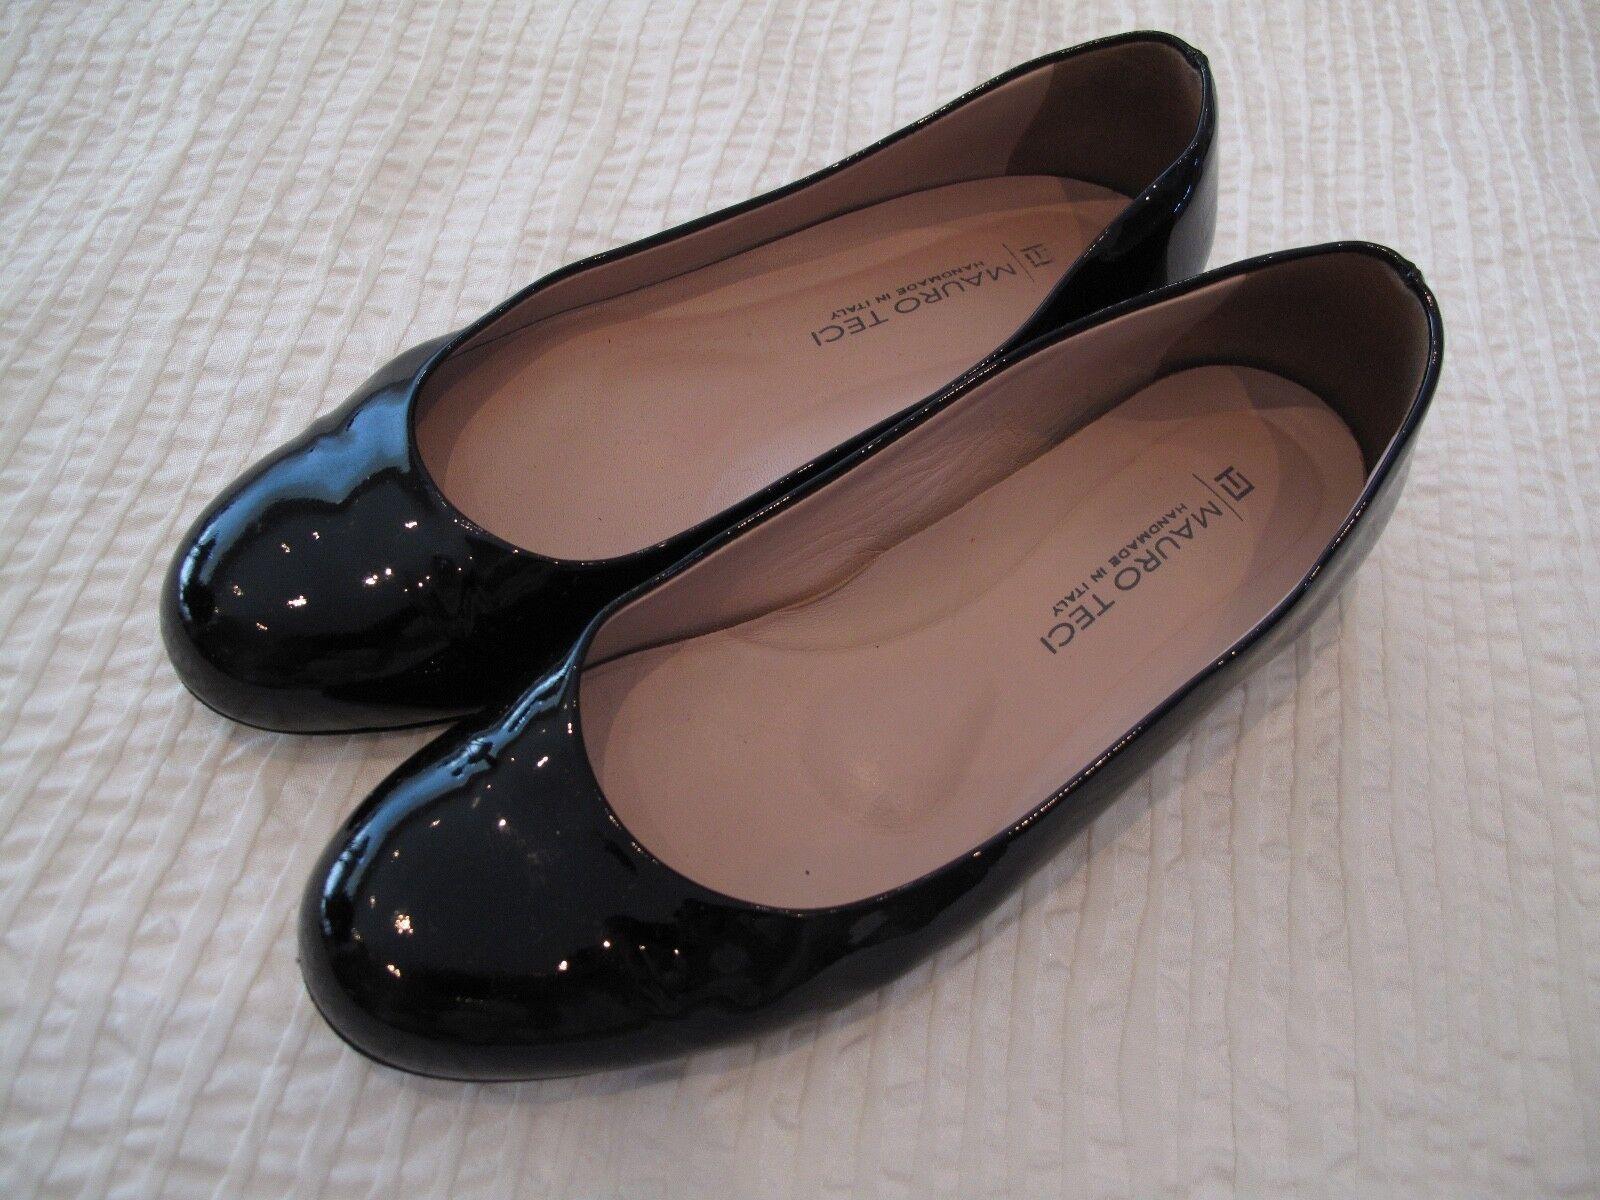 Original Mauro Teci Damen Schuhe Ballerinas Leder Lack schwarz Neuwertig Gr 38 Neuwertig schwarz 6b014b